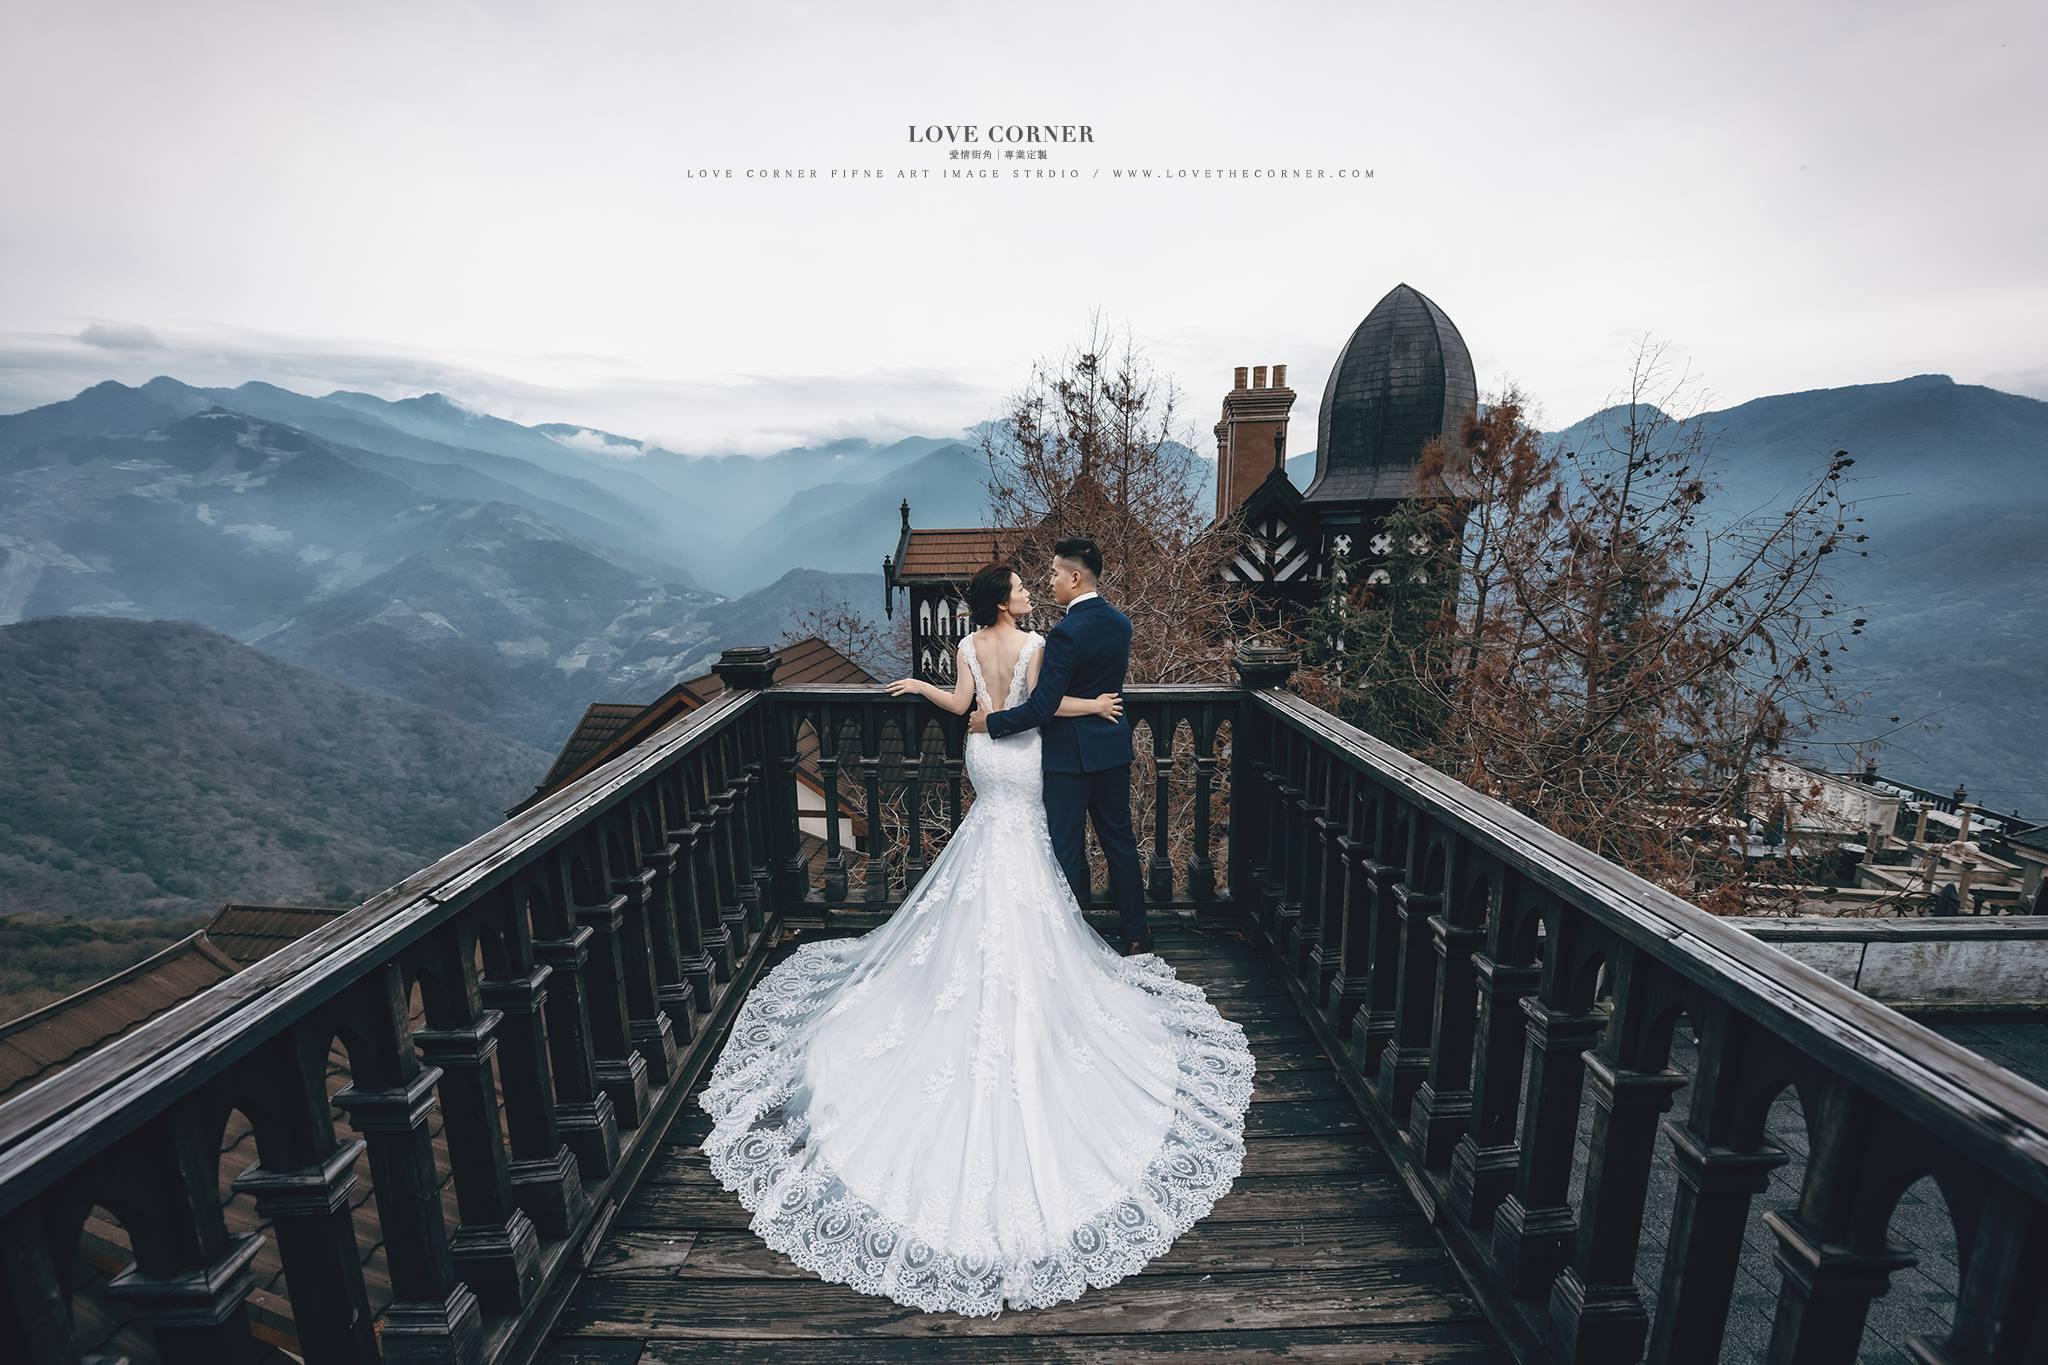 老英格蘭婚紗|南投清淨民宿景點|幻想曲套房|婚攝澤于